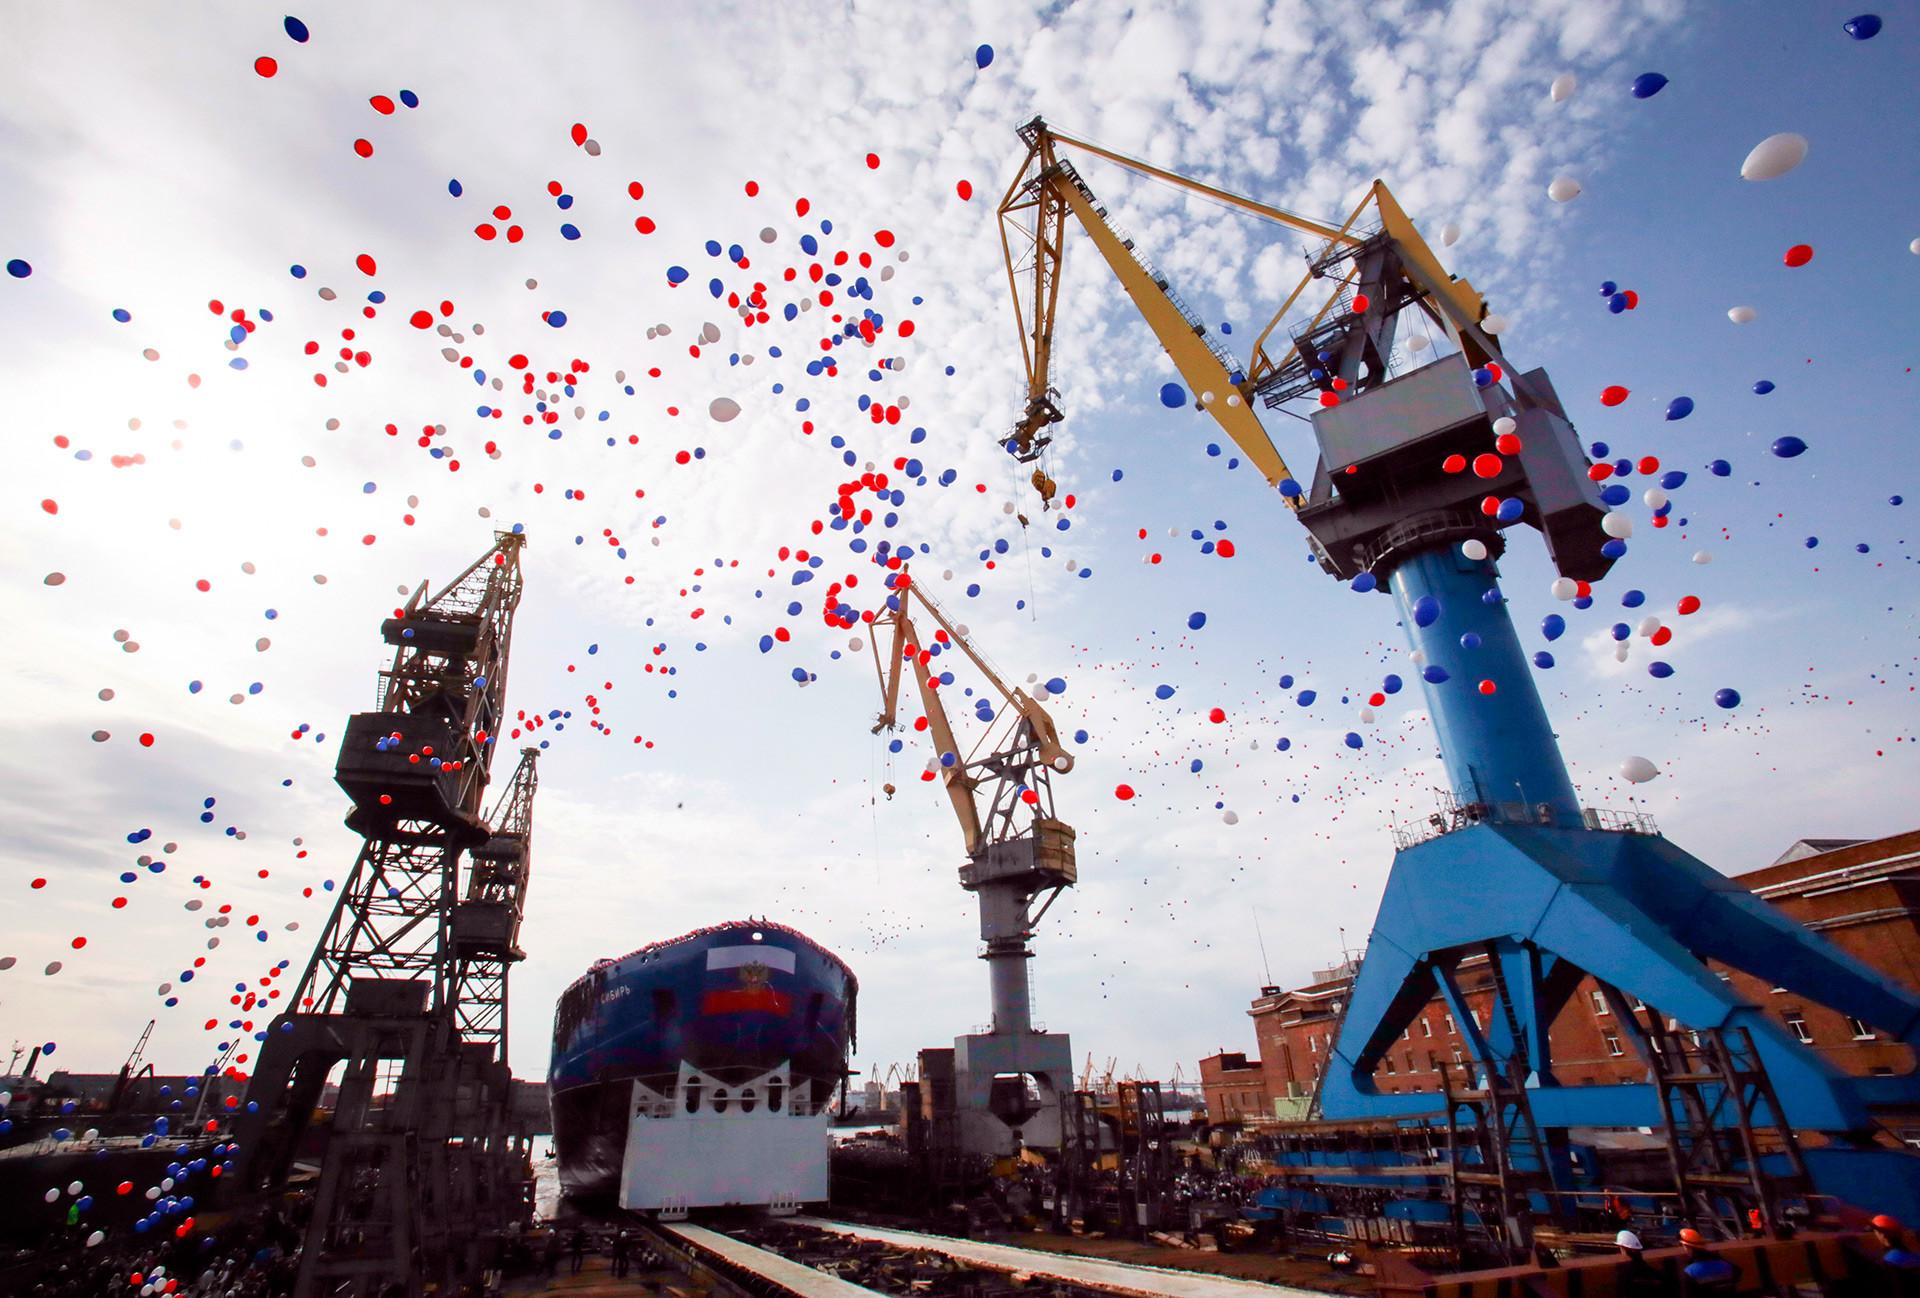 """Поринуће првог серијског универзалног нуклеарног ледоломца ЛК-60Я """"Сибир"""" на Балтичком бродоградилишту у Санкт Петербургу, 22. септембар 2017."""